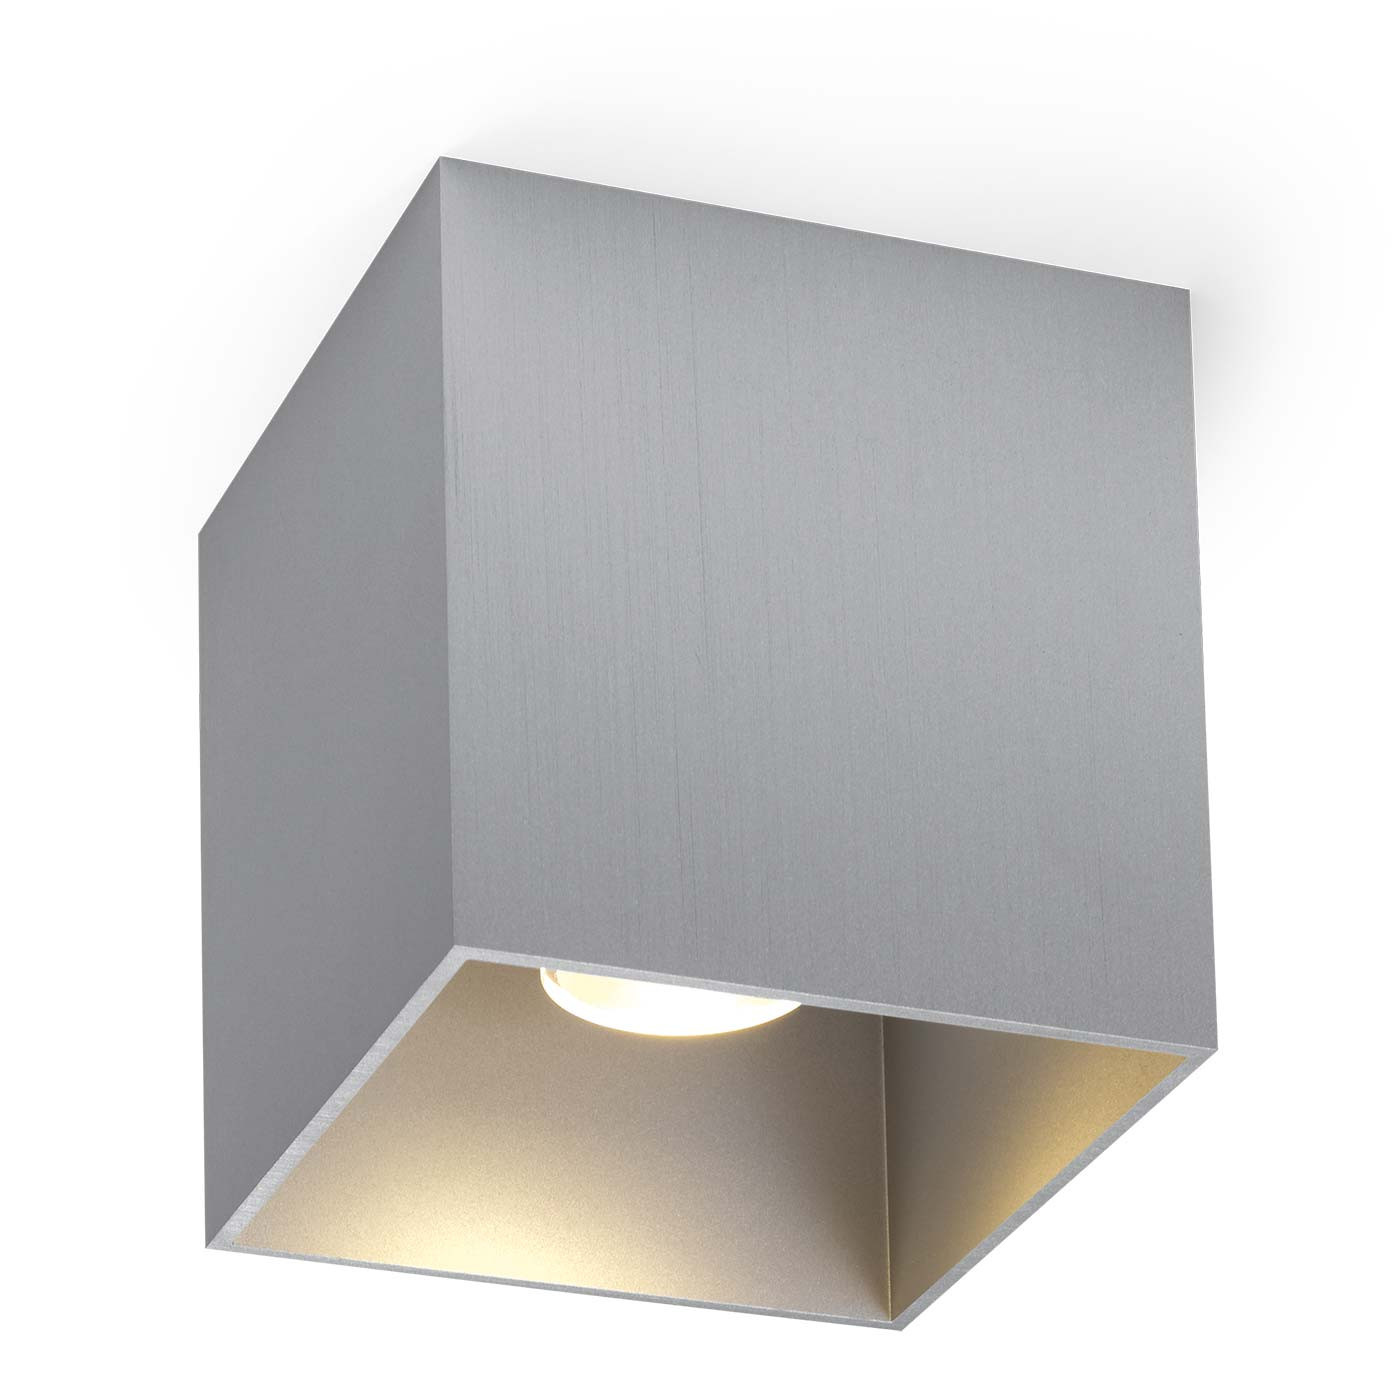 Wever & Ducré Box 1.0 PAR16 Ceiling Light